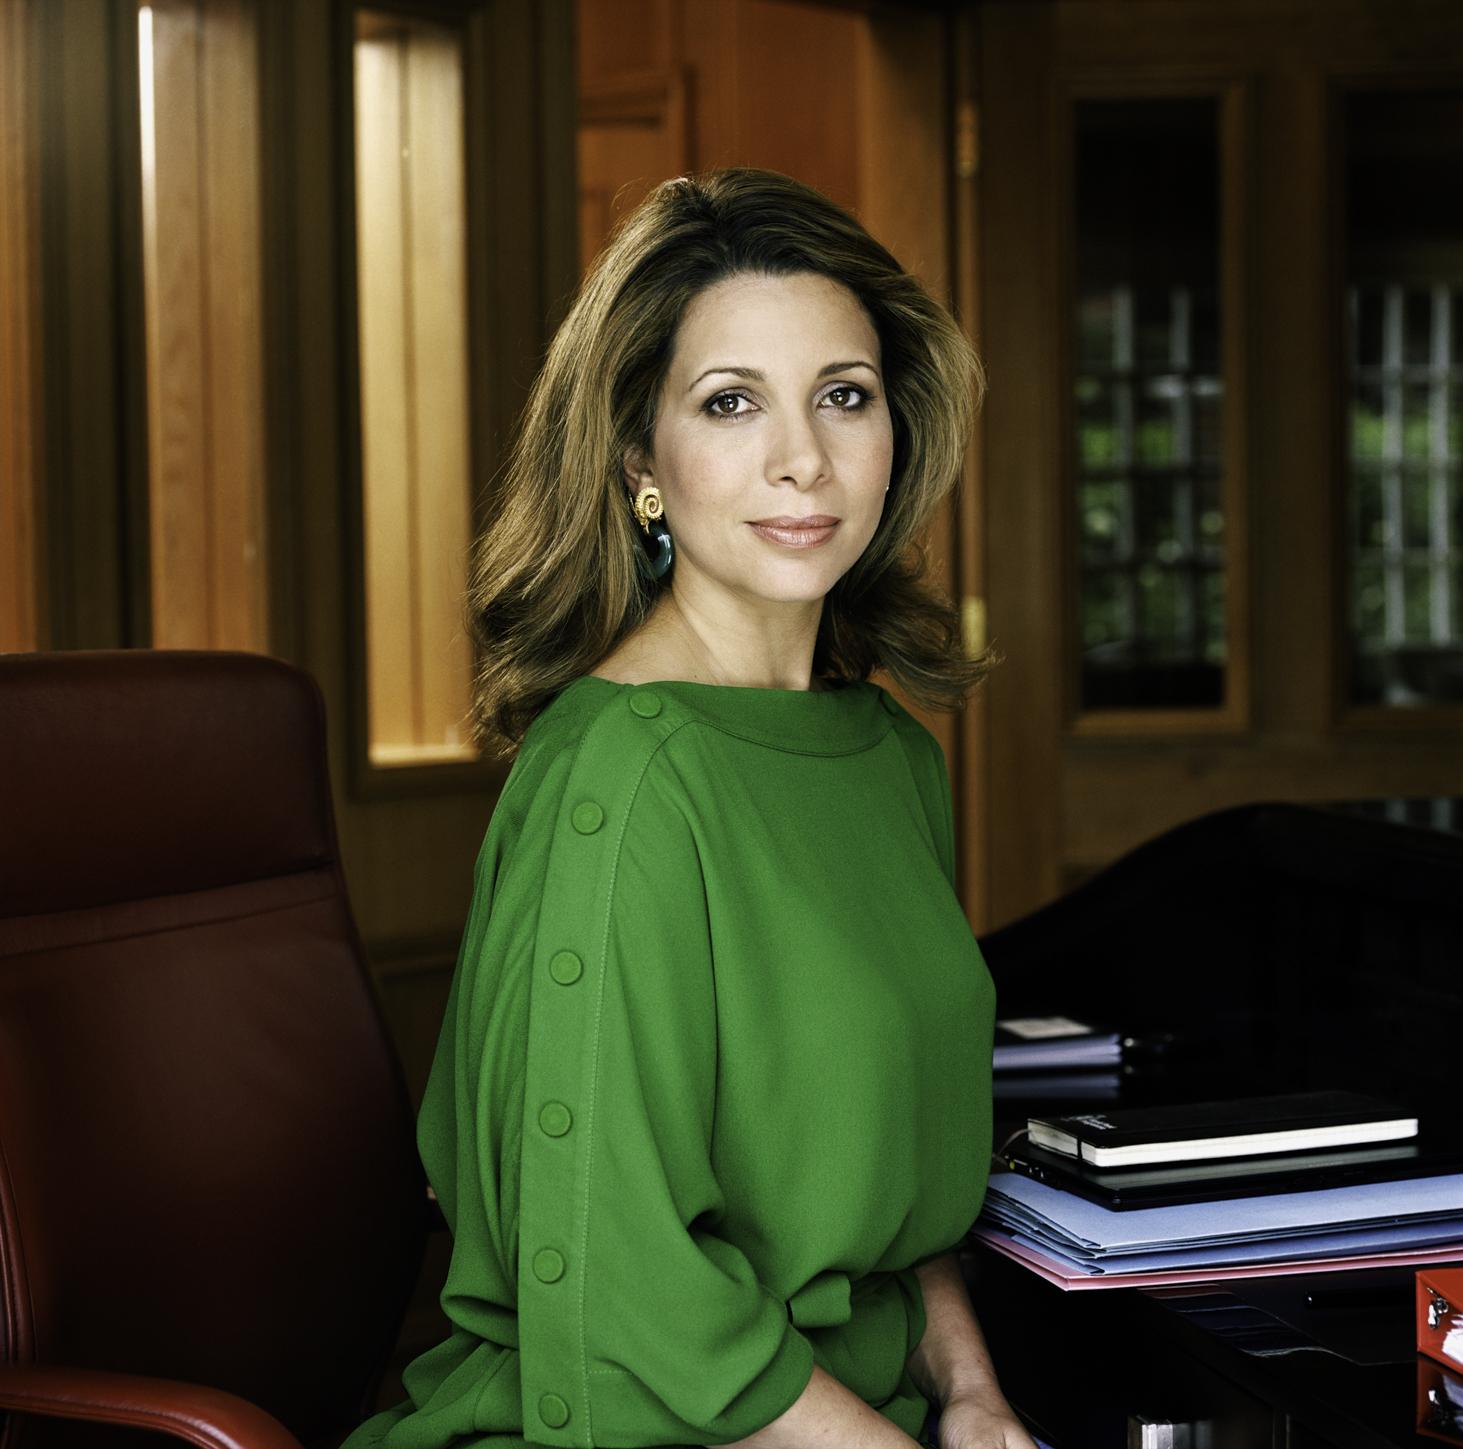 La princesa Haya bint Hussein escapó la semana pasada del reino de su marido en Dubái porque temía por su vida. (Archivo)